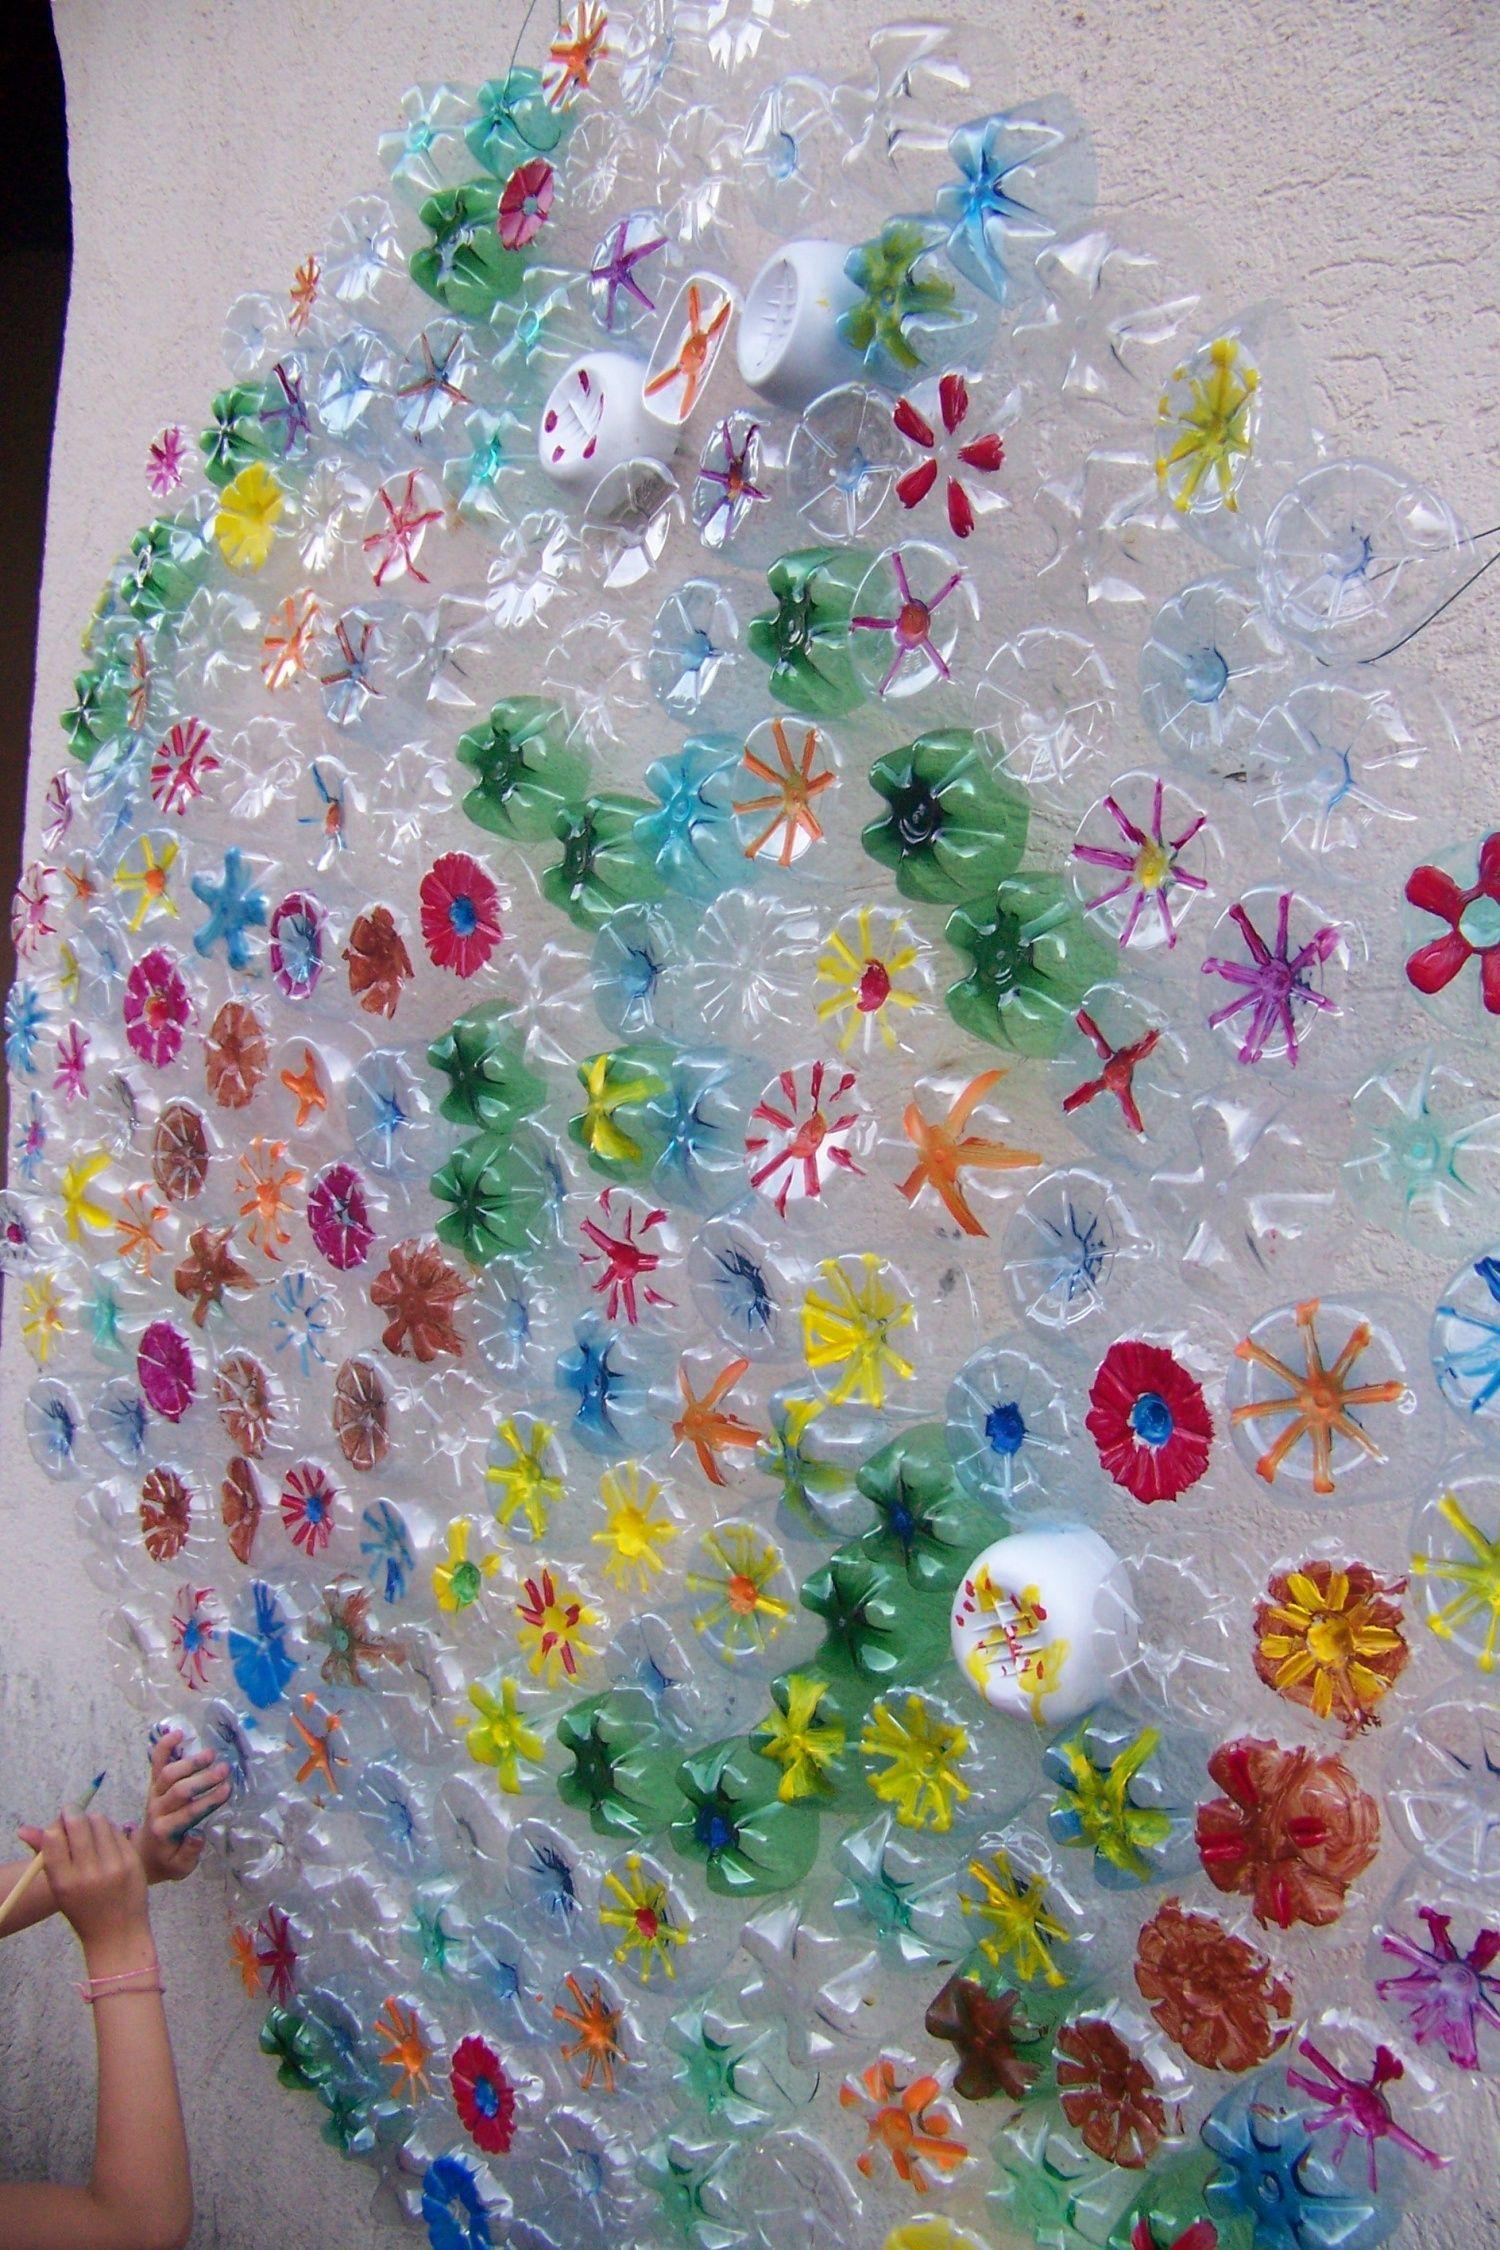 Activité Manuelle Avec Du Papier Peint Épinglé sur bricolage enfants